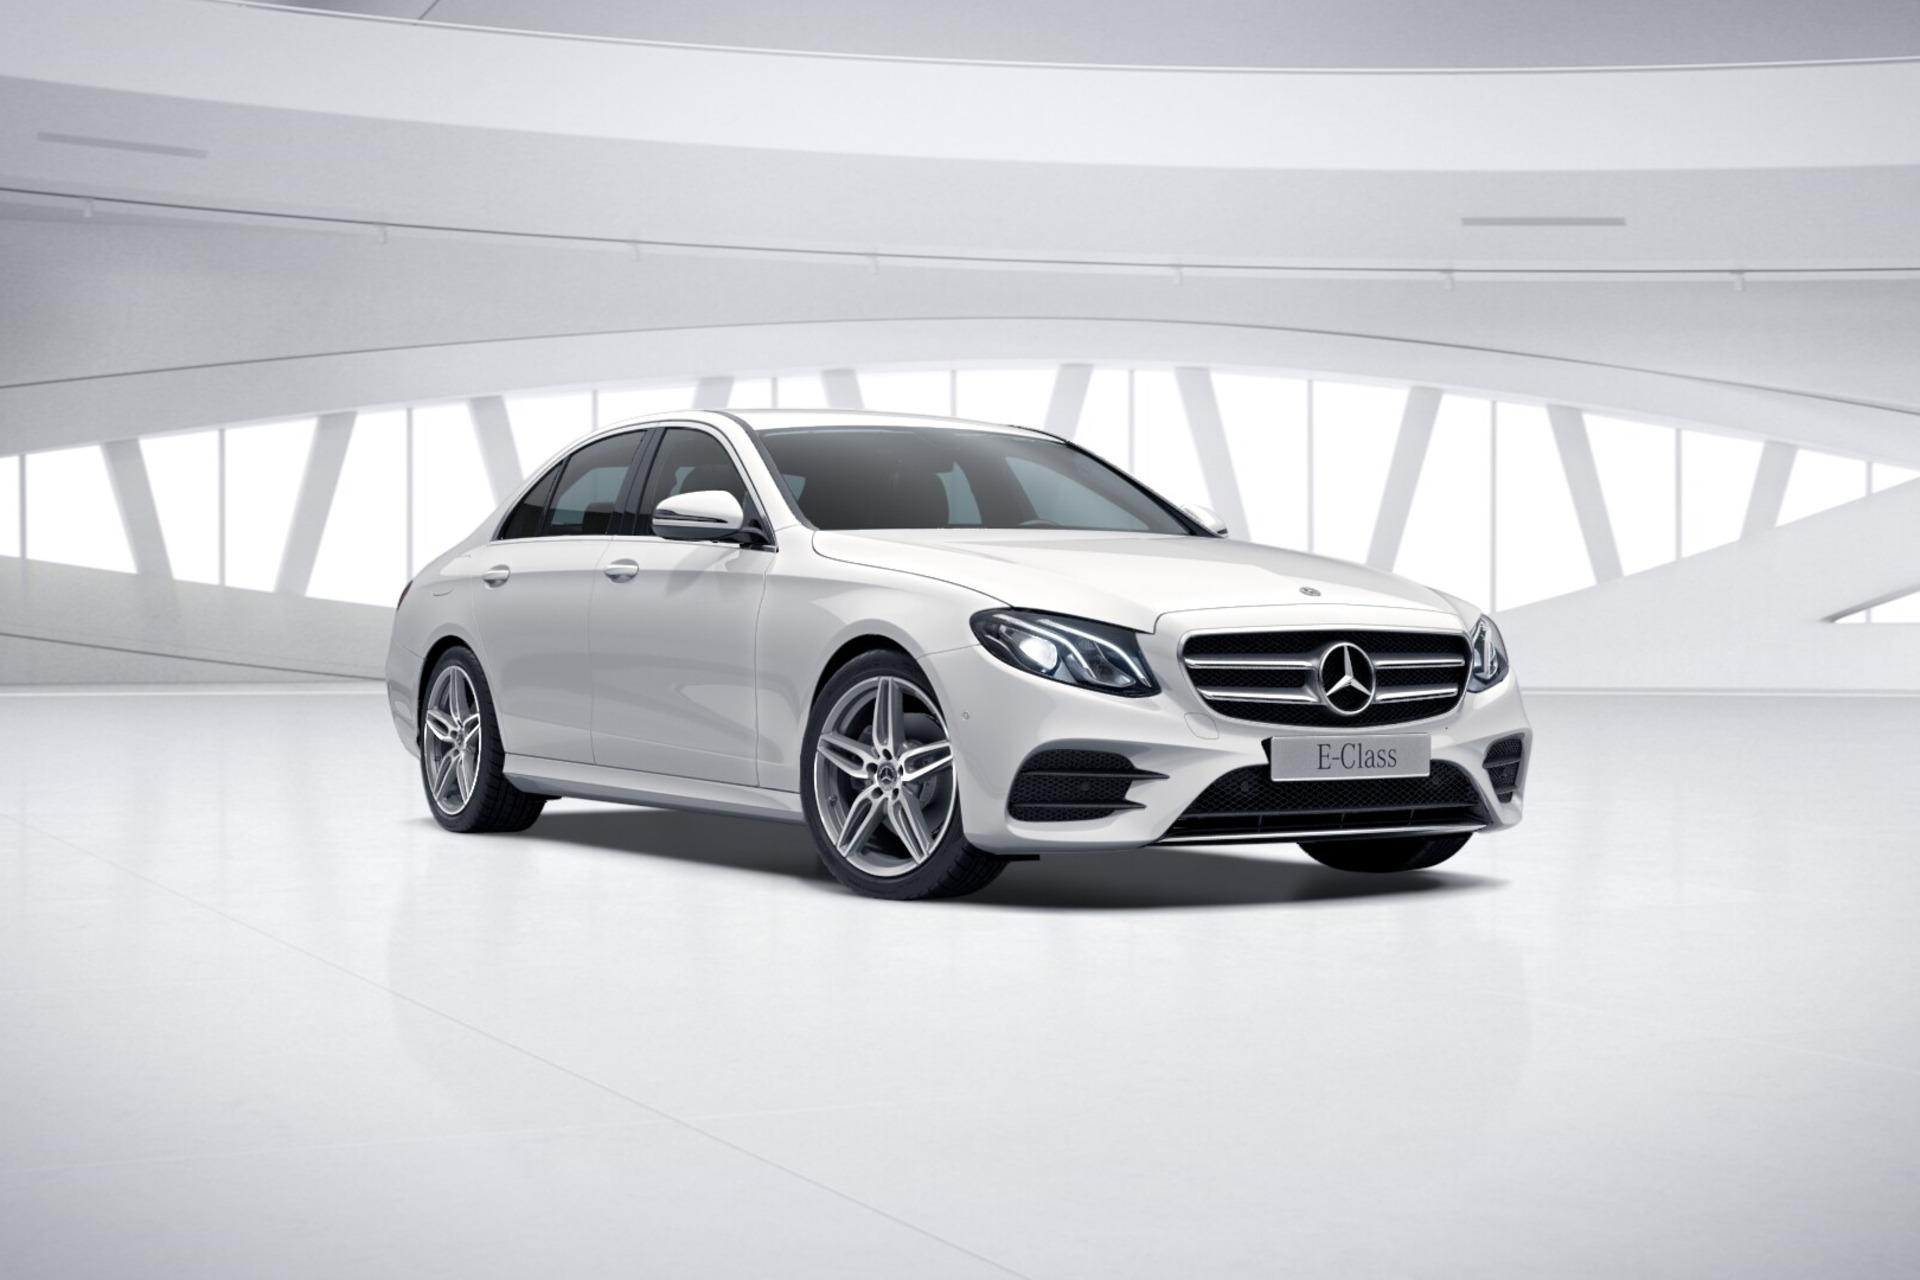 Mercedes-Benz E 180 952611378